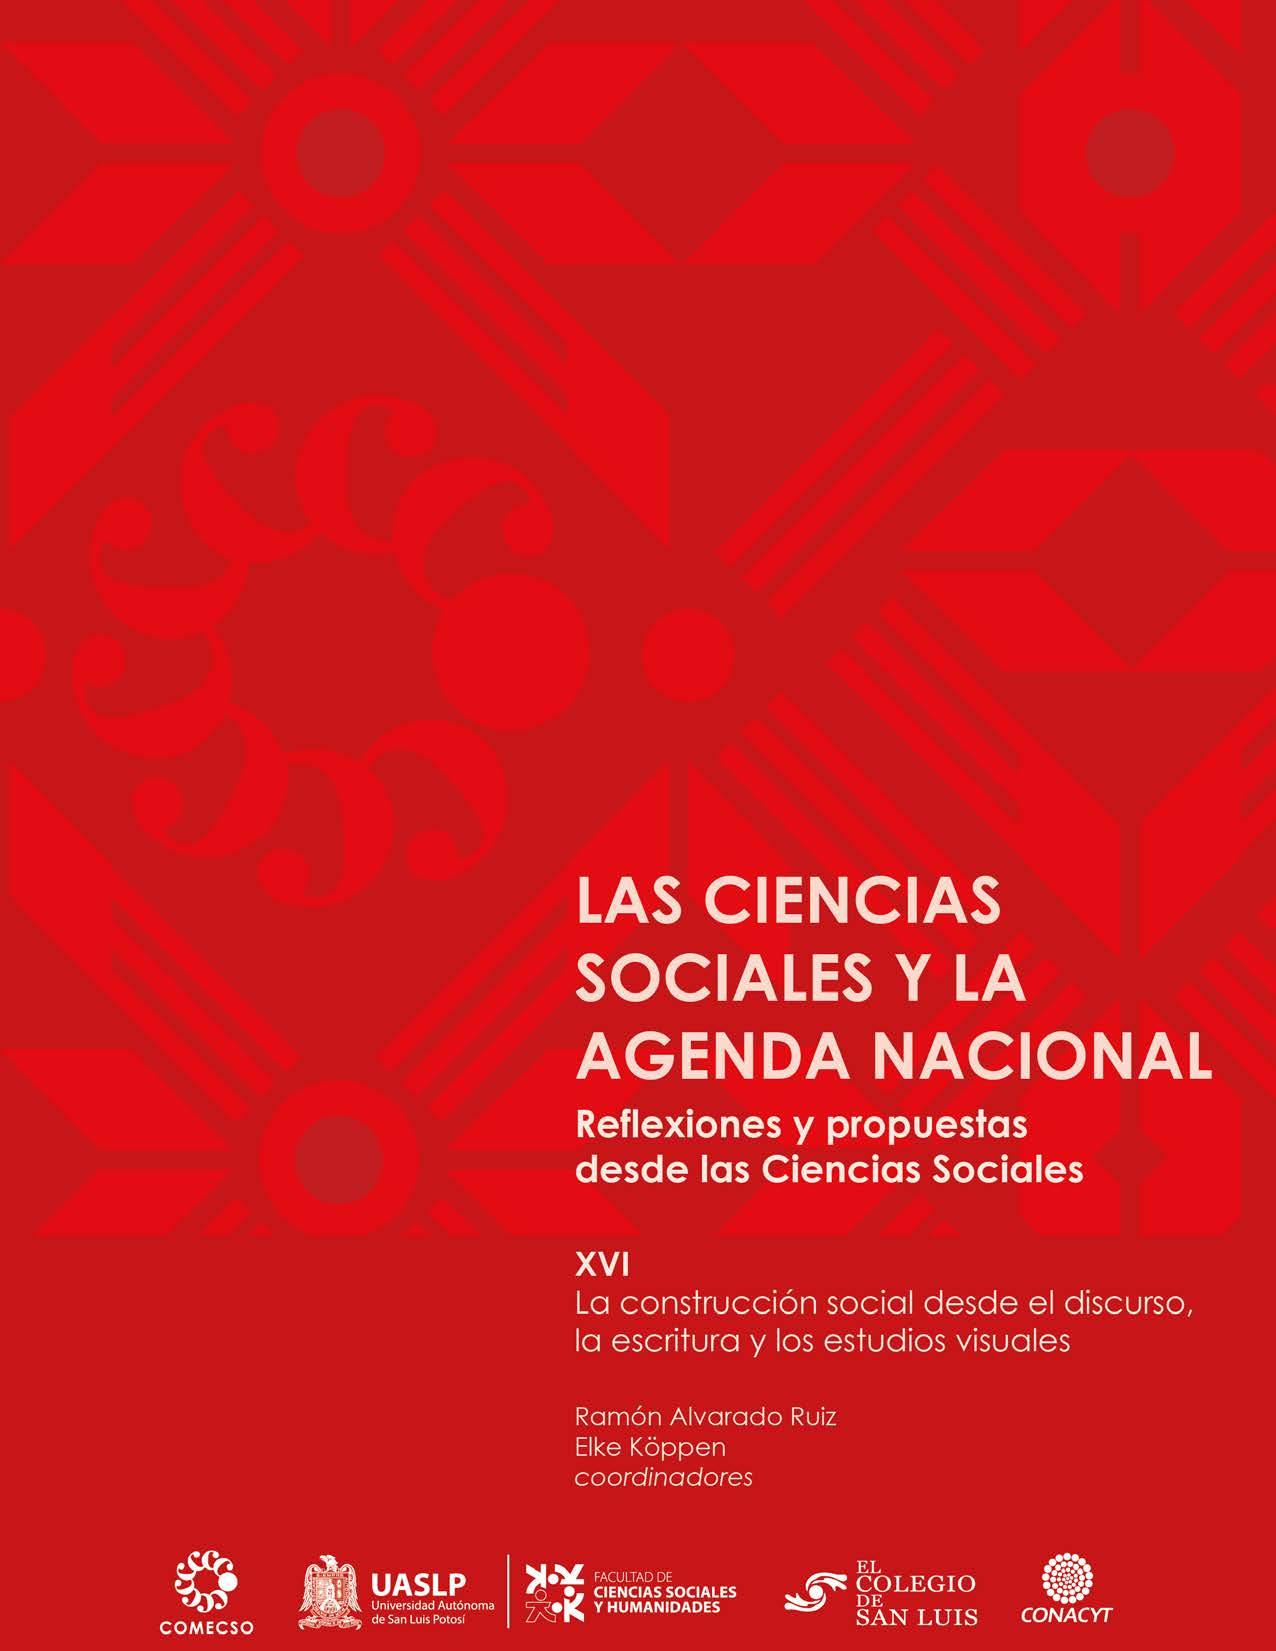 Vol. XVI. La construcción social desde el discurso, la escritura y los estudios visuales